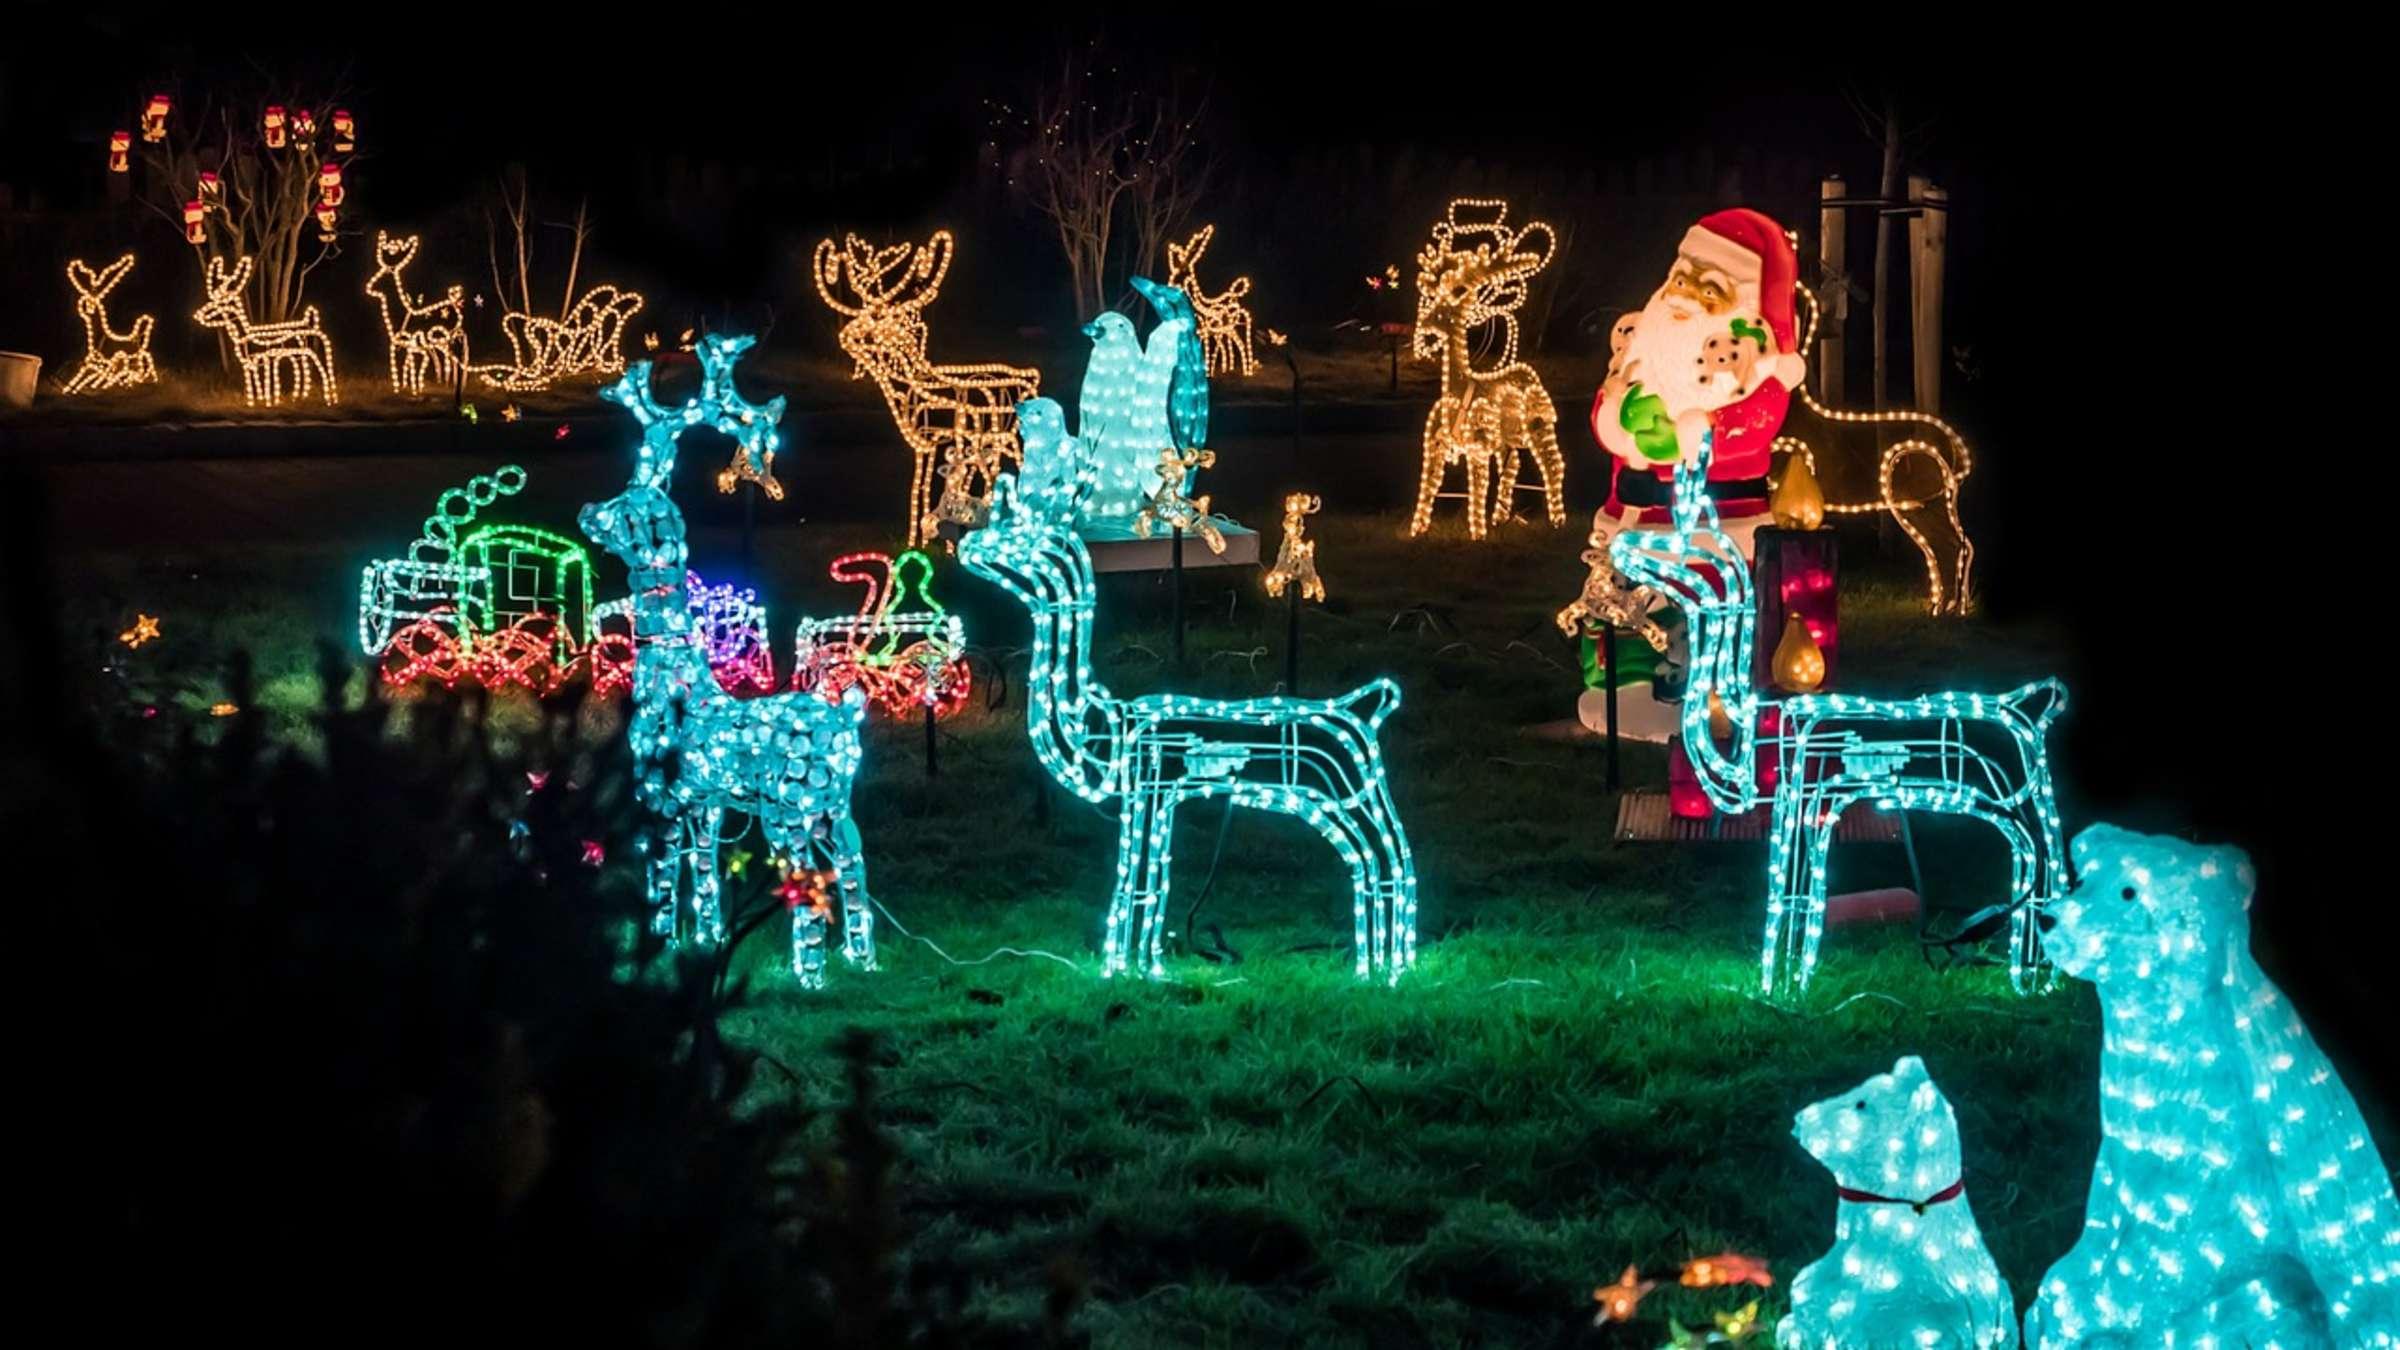 Full Size of Weihnachtsbeleuchtung Fenster Innen Led Silhouette Stern Figuren Batterie Batteriebetrieben Befestigen Bunt Pyramide Mit Kabel Hornbach Was Ist Eigentlich Fenster Weihnachtsbeleuchtung Fenster